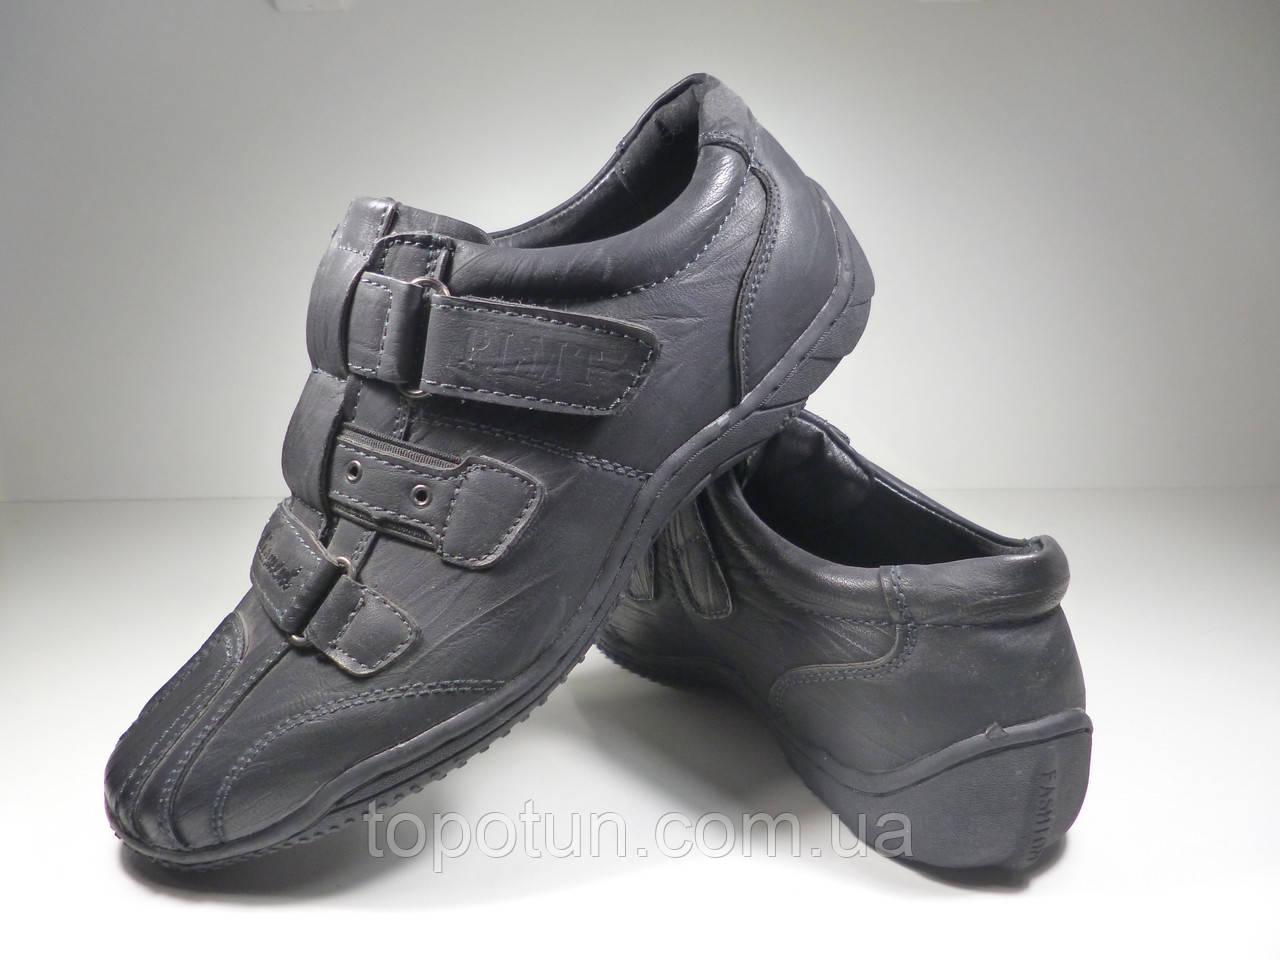 Туфли для мальчика Parliament р. 36